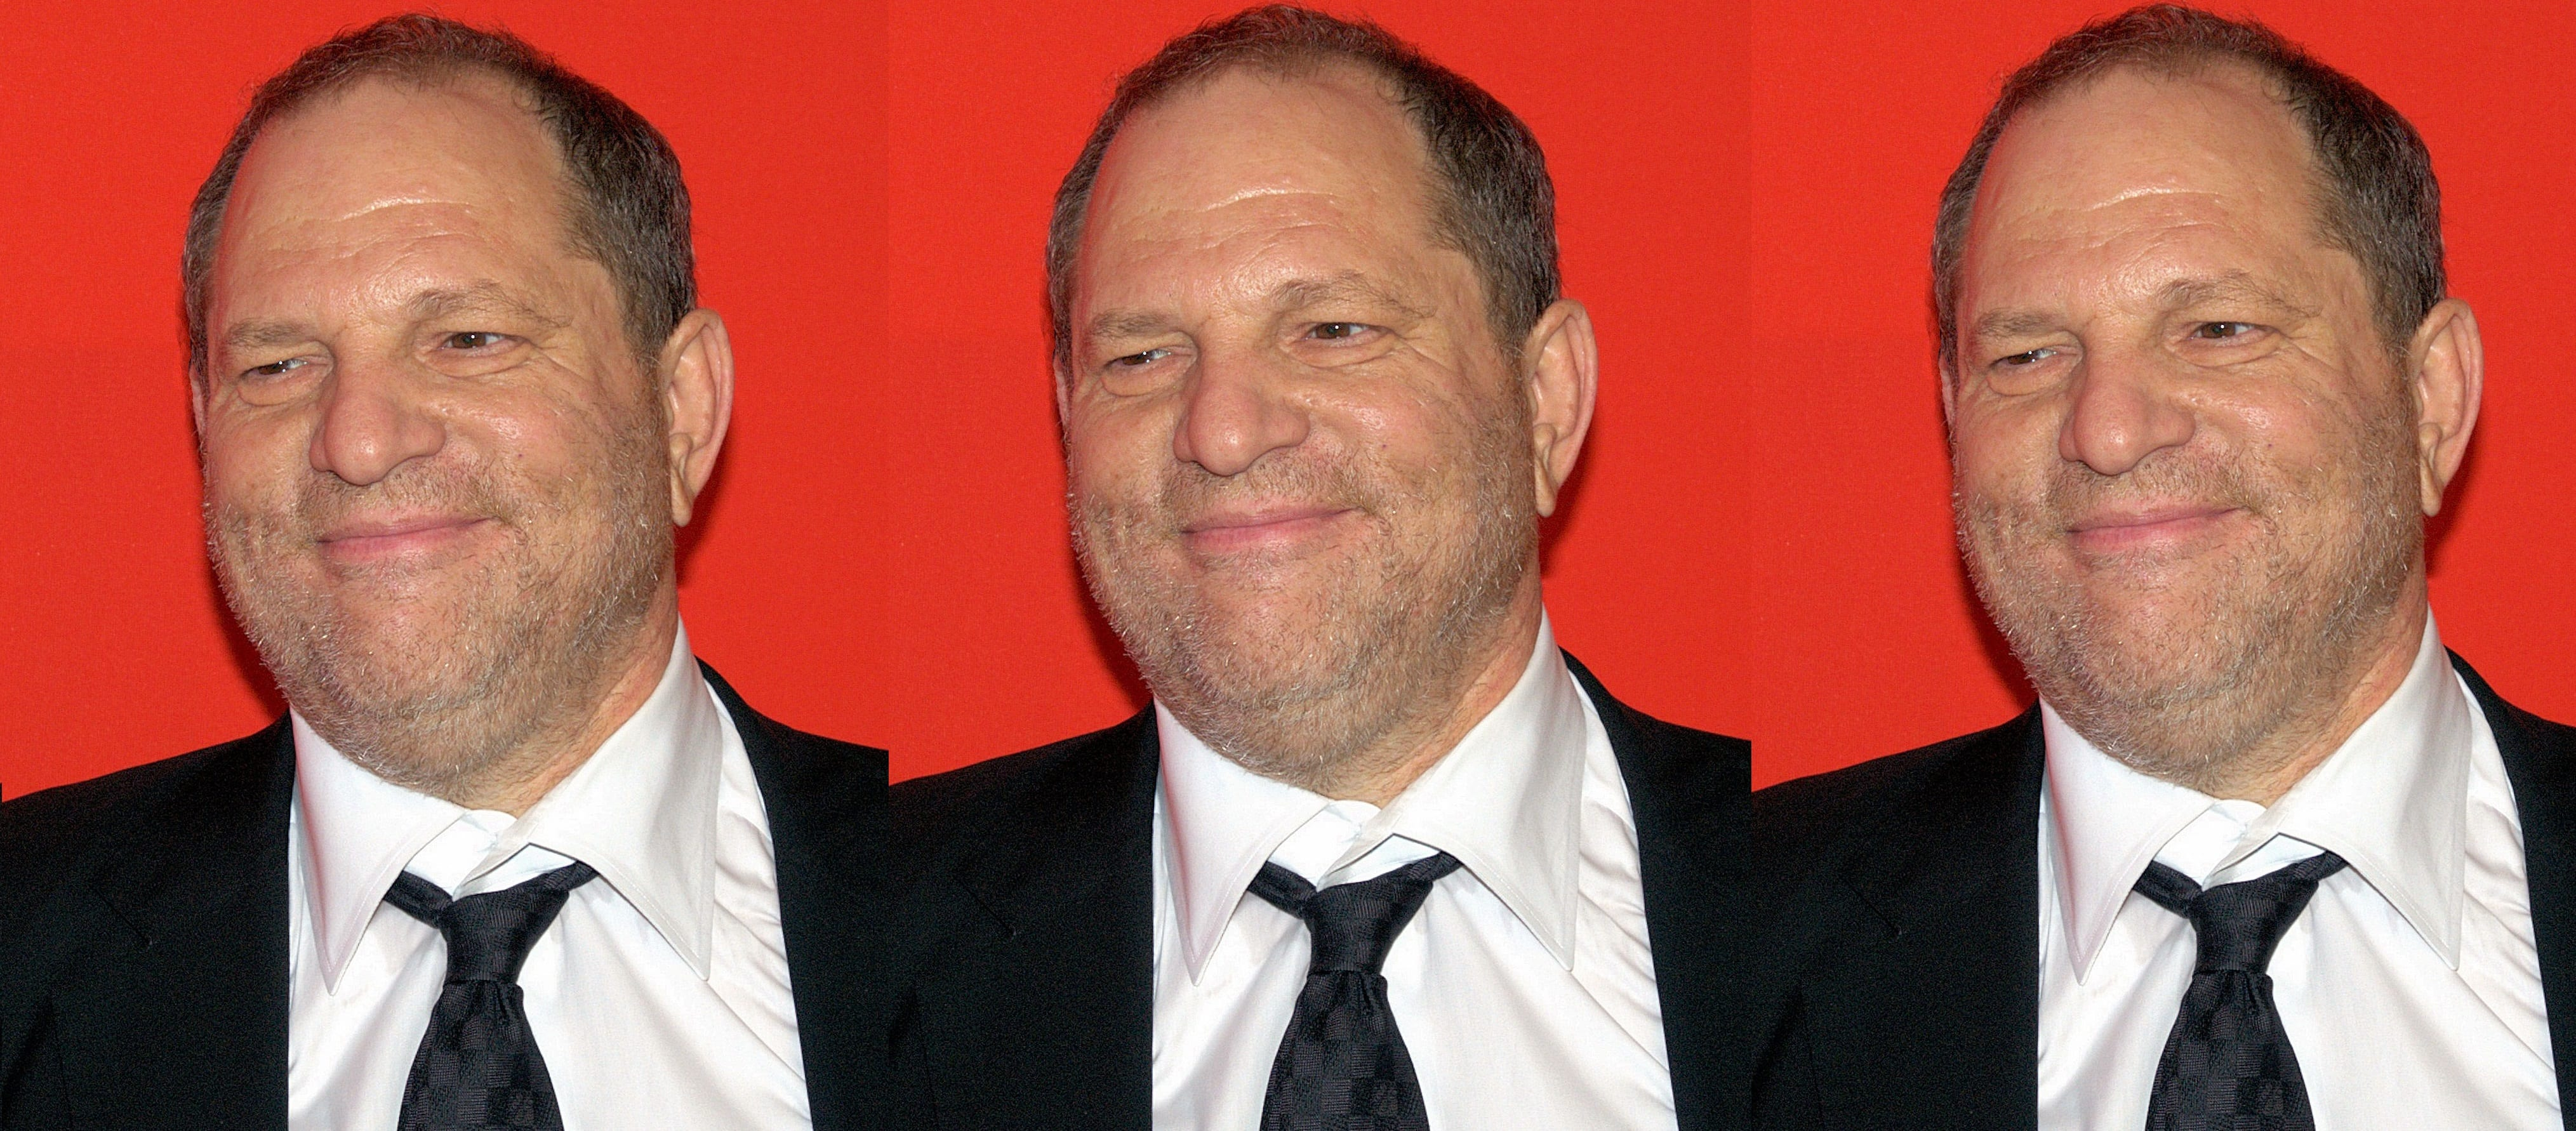 Harvey Weinstein lýsir yfir sakleysi sínu